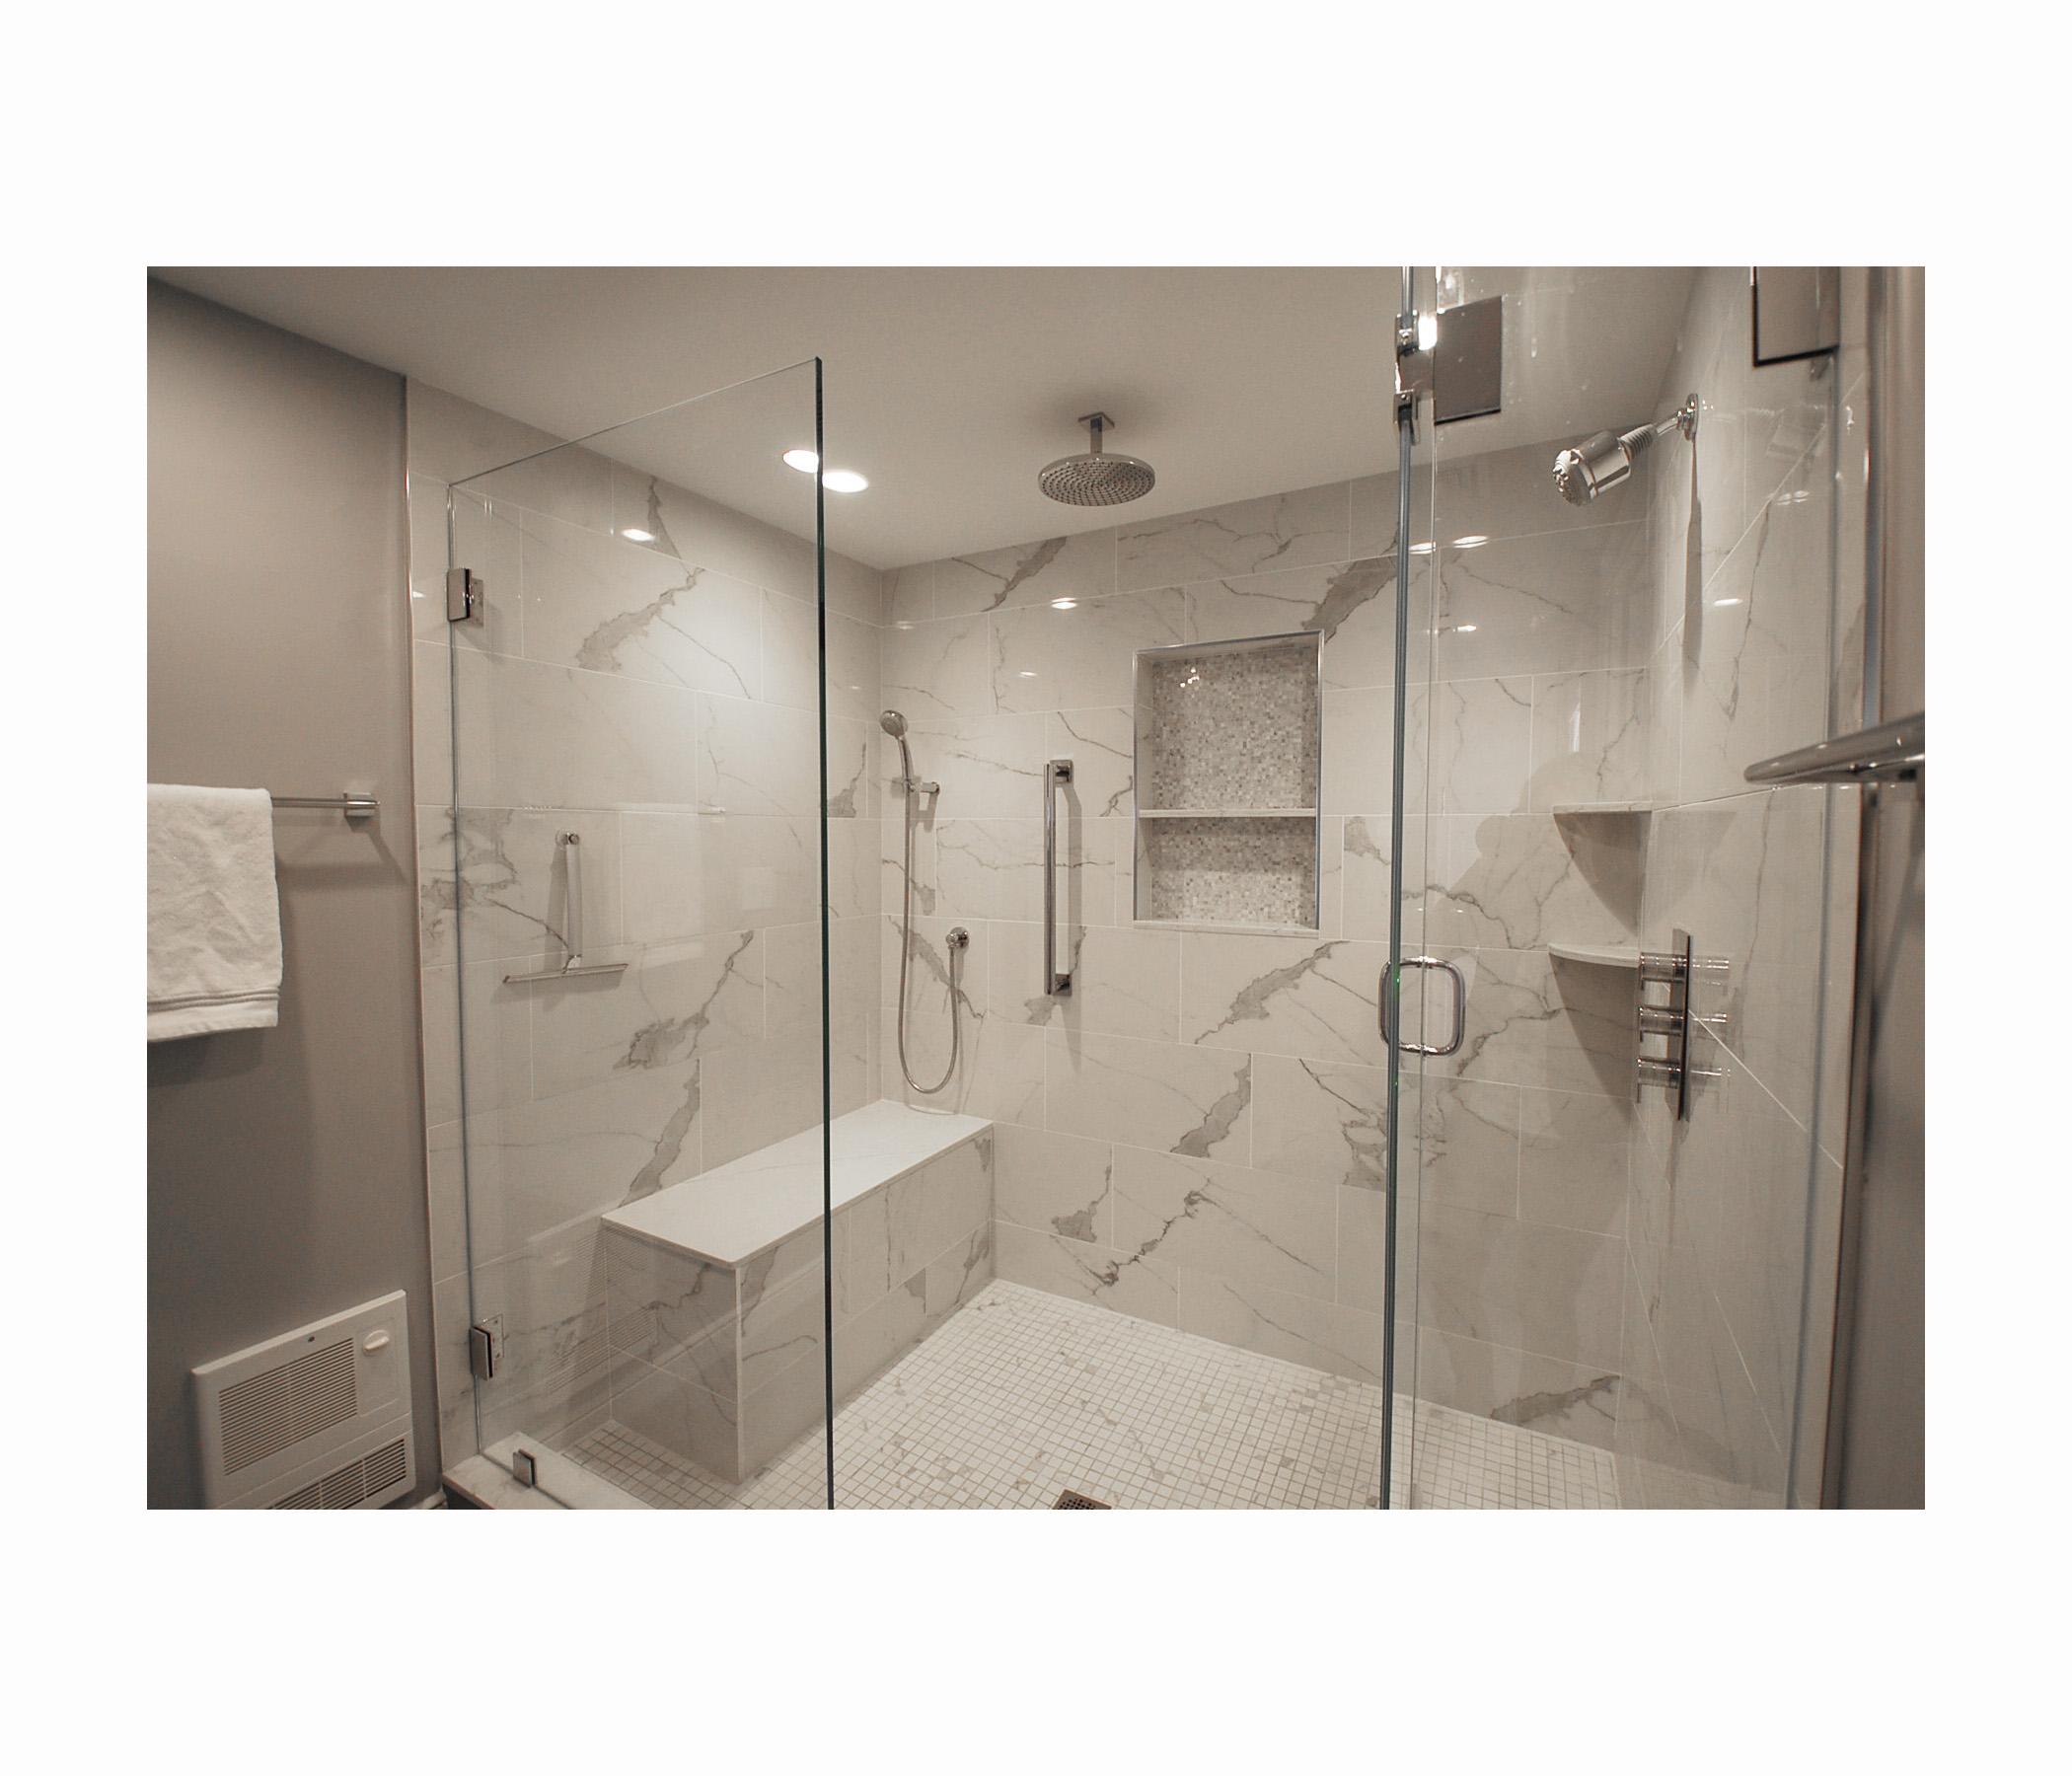 LH_Shower 11.jpg